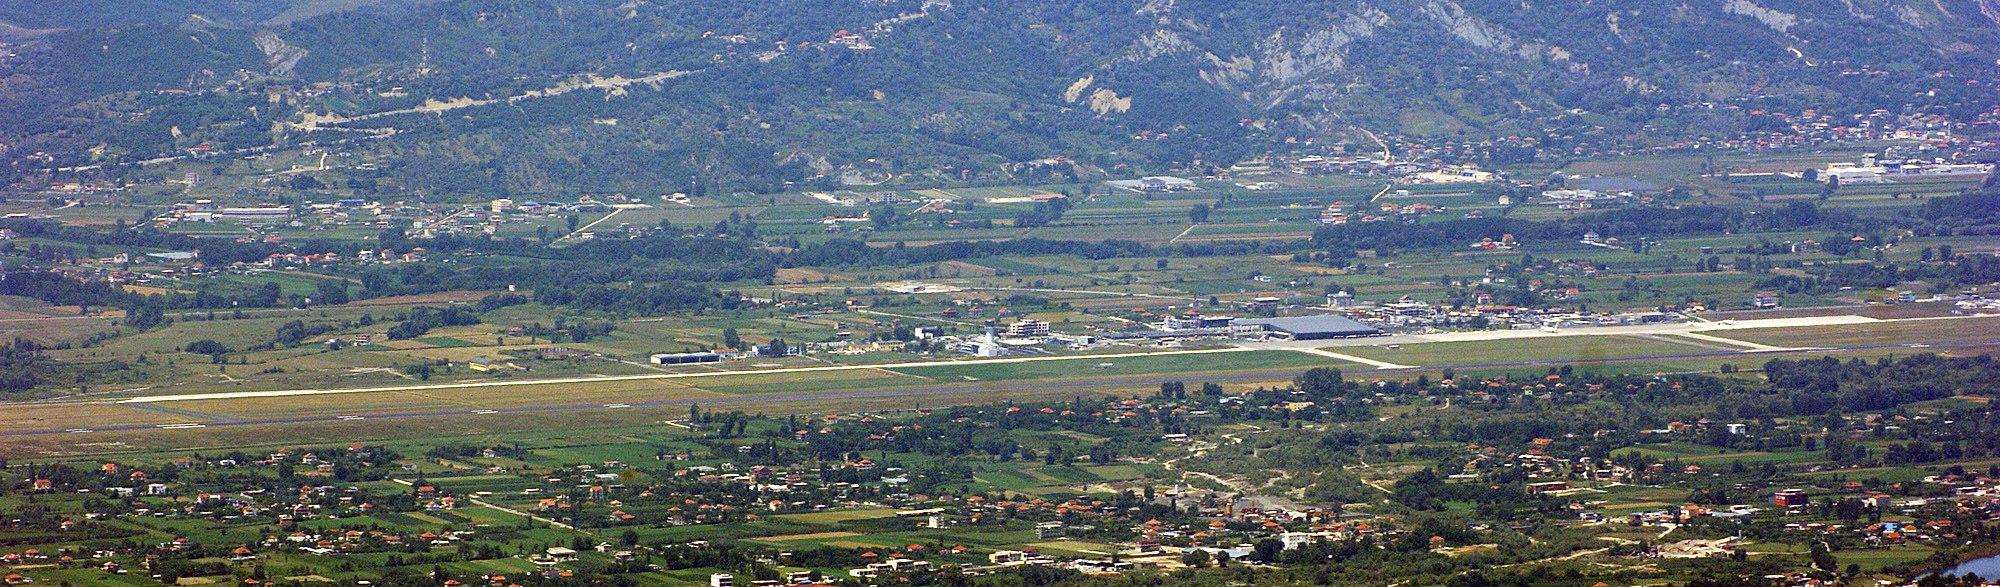 Тирана: вид с высоты птичьего полета